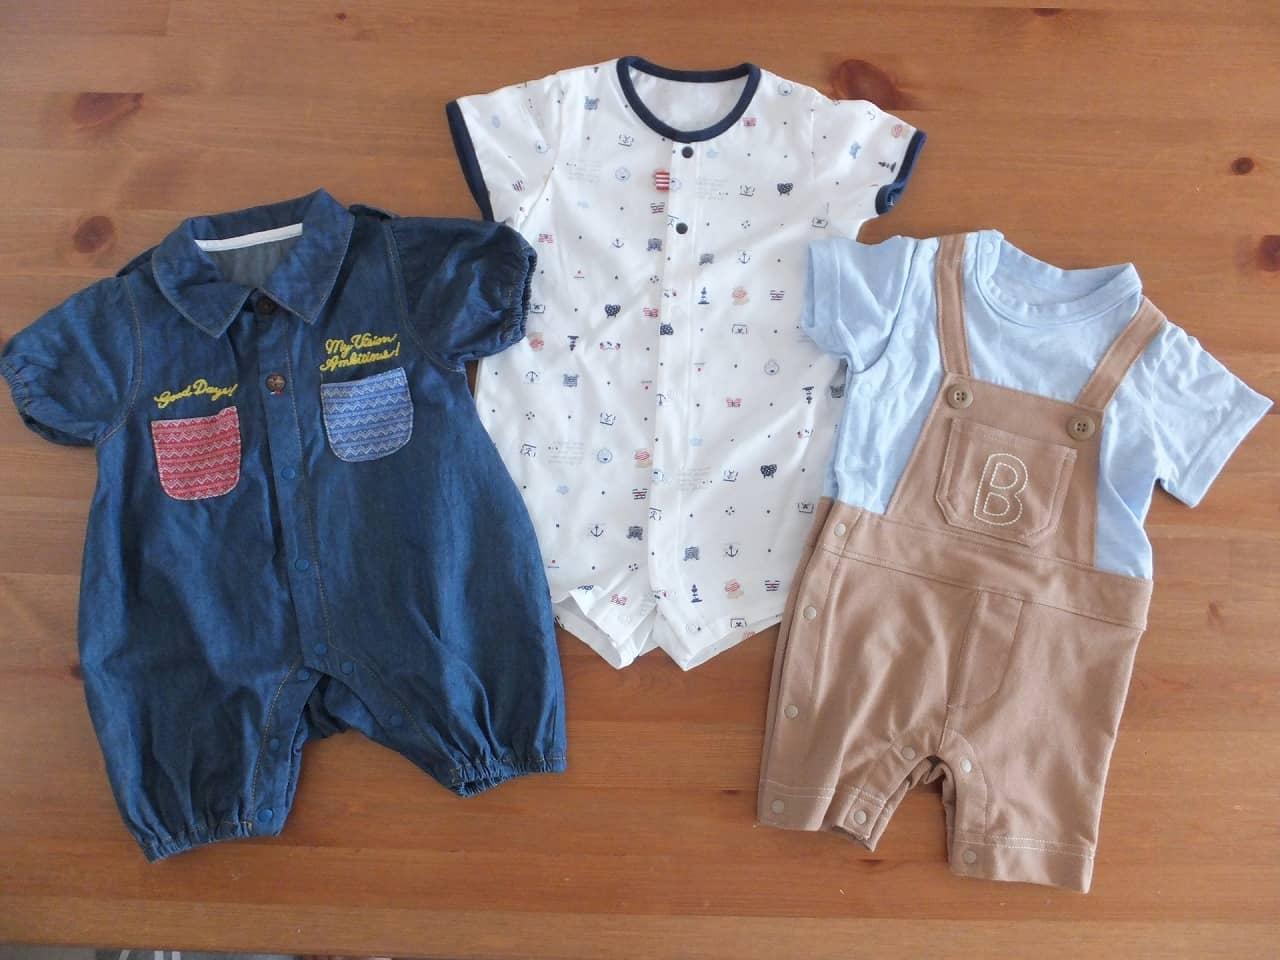 【国内・海外】赤ちゃんの服のサイズ一覧表 月齢別の選び方も解説